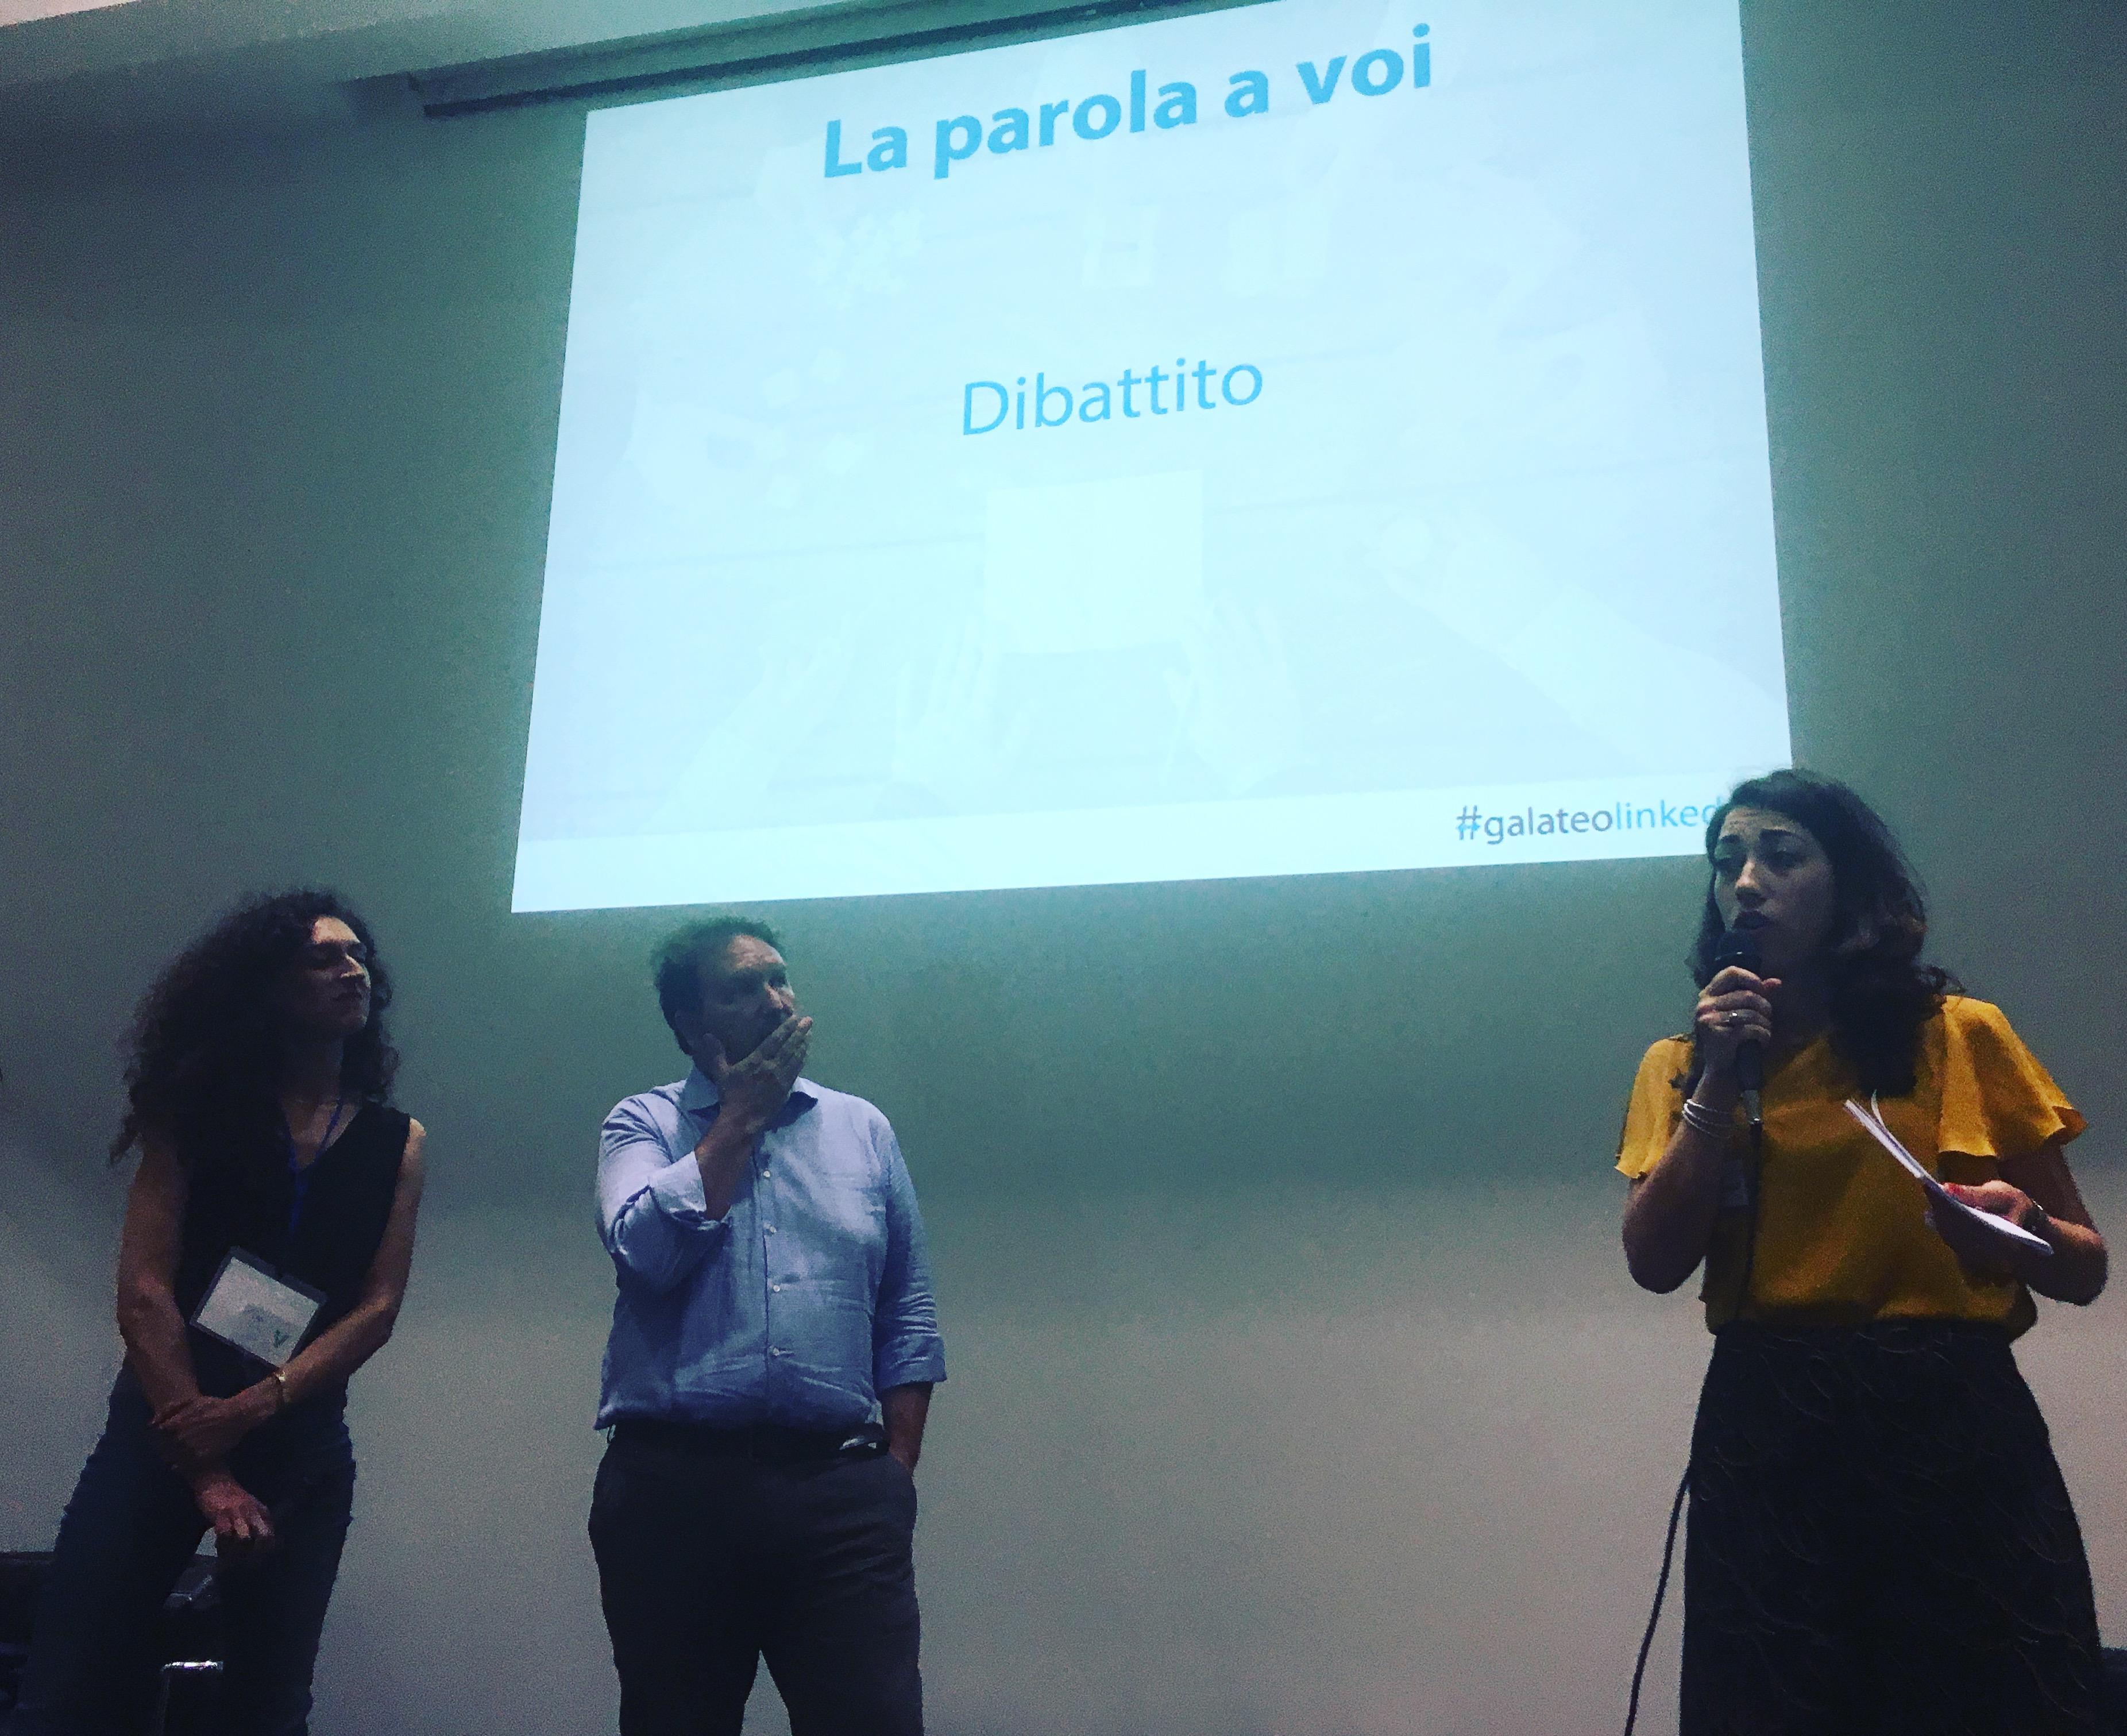 Galateo-Linkedin-Milano-Maire-Tecnimont-12-giugno-2017-TalentiEventi-7